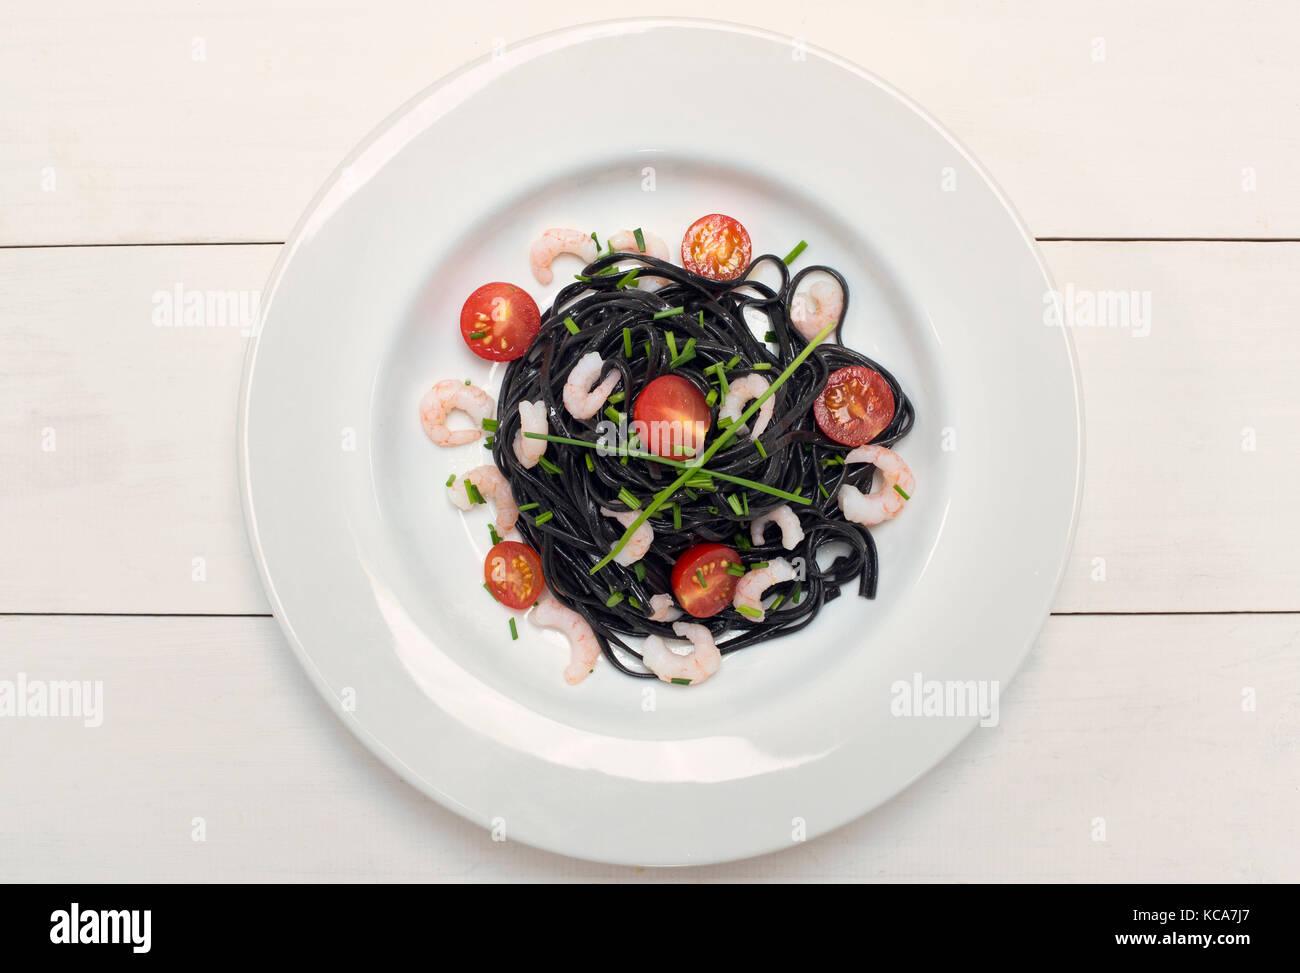 Tinta de calamar negro Pasta con langostinos, anchoas y tomates sobre un fondo blanco. Foto de stock